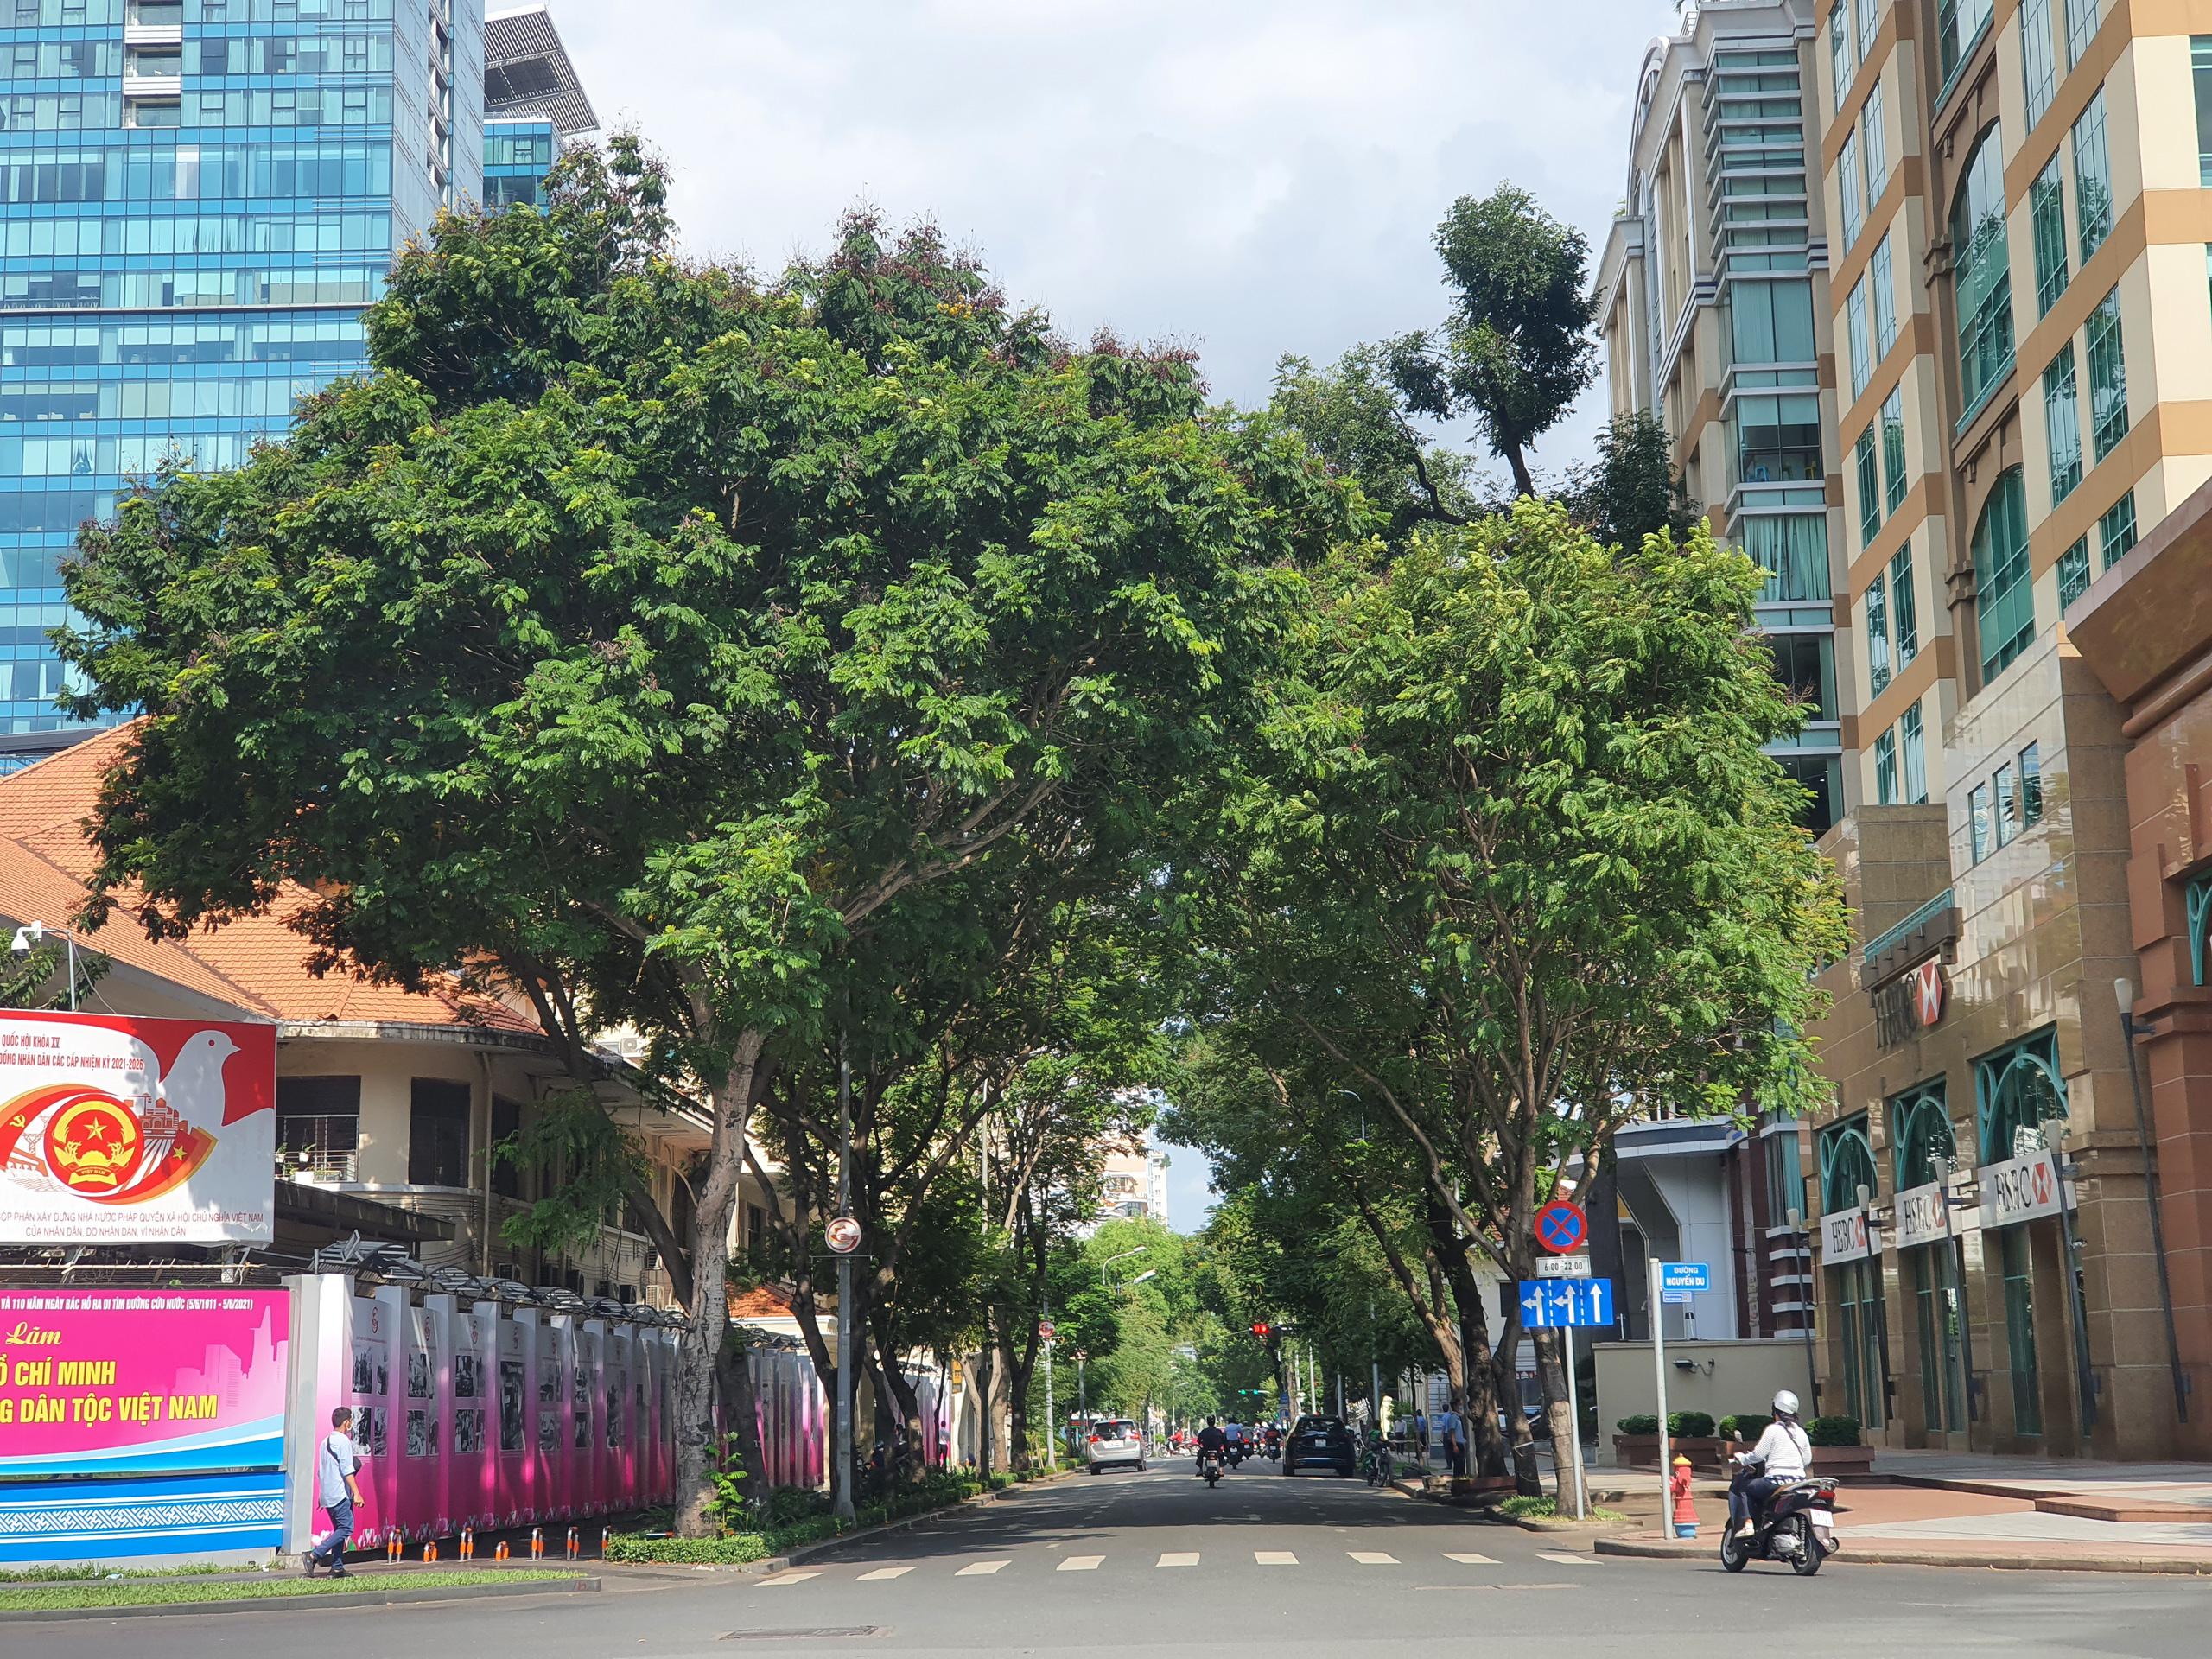 ẢNH: Ngày đầu giãn cách xã hội, đường TP.HCM không kẹt xe từ sáng tới chiều, Gò Vấp tạm dỡ chốt phong tỏa - Ảnh 1.